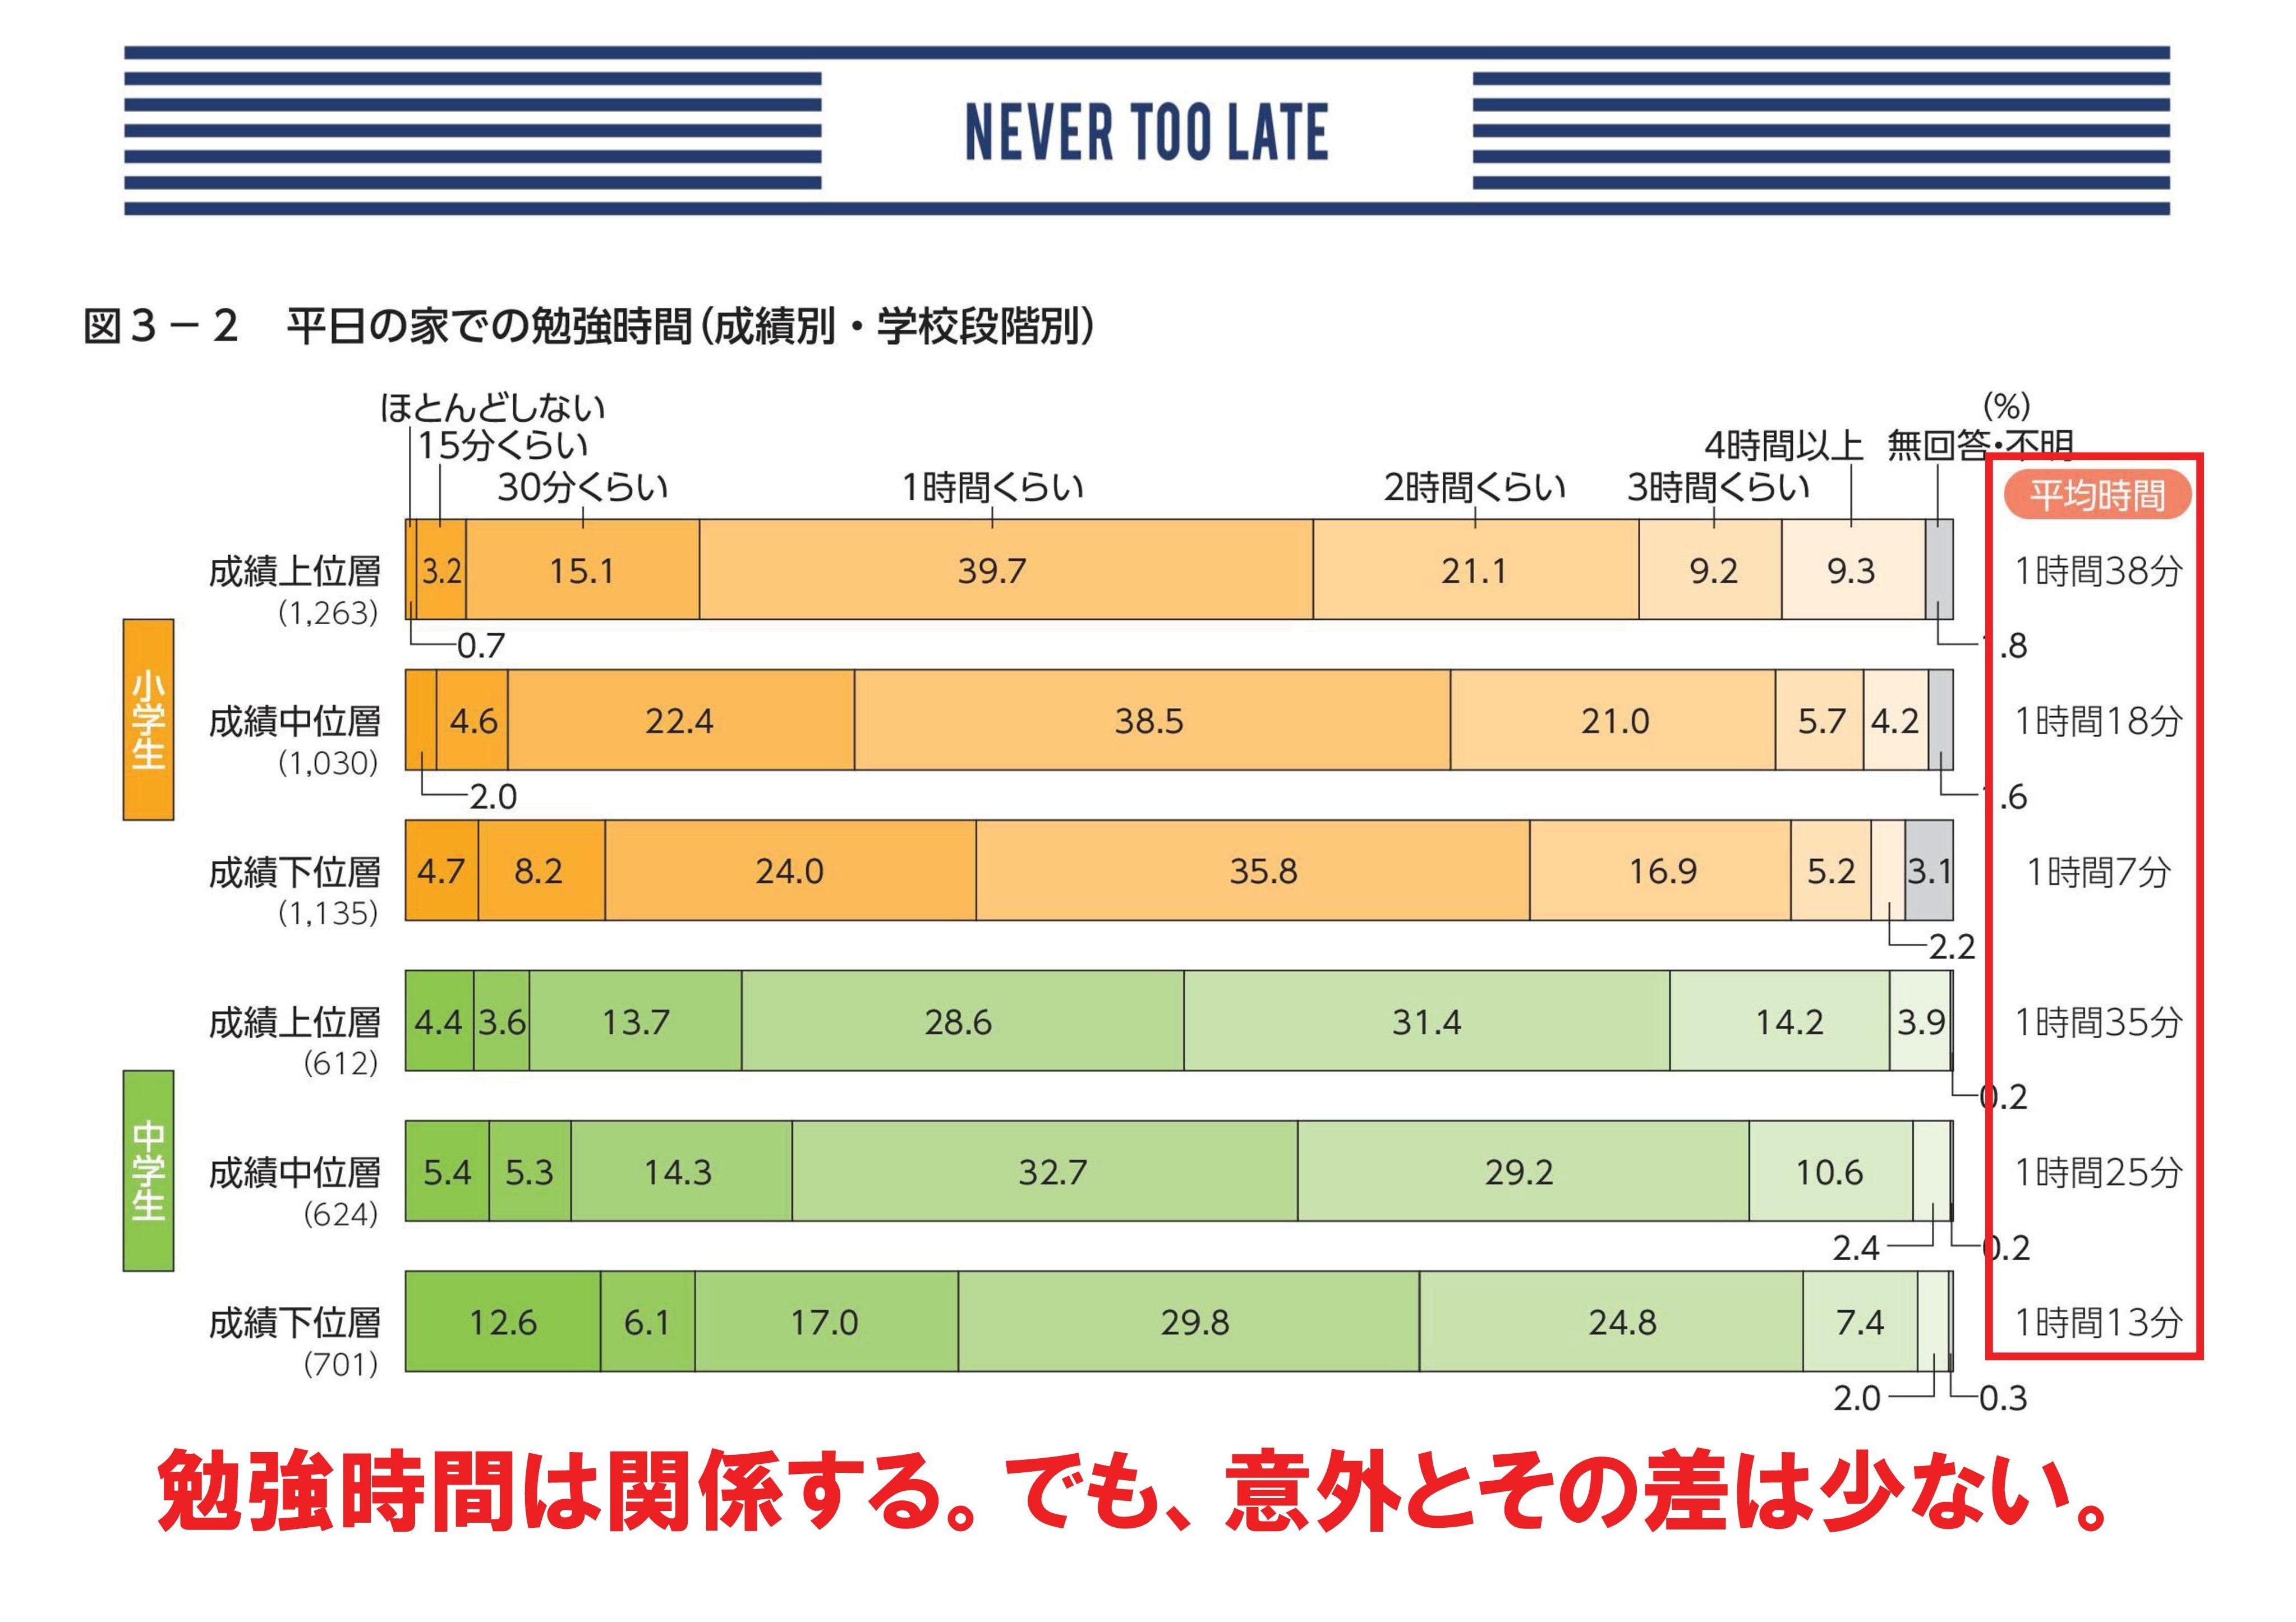 2019小学生保護者会上映用-03